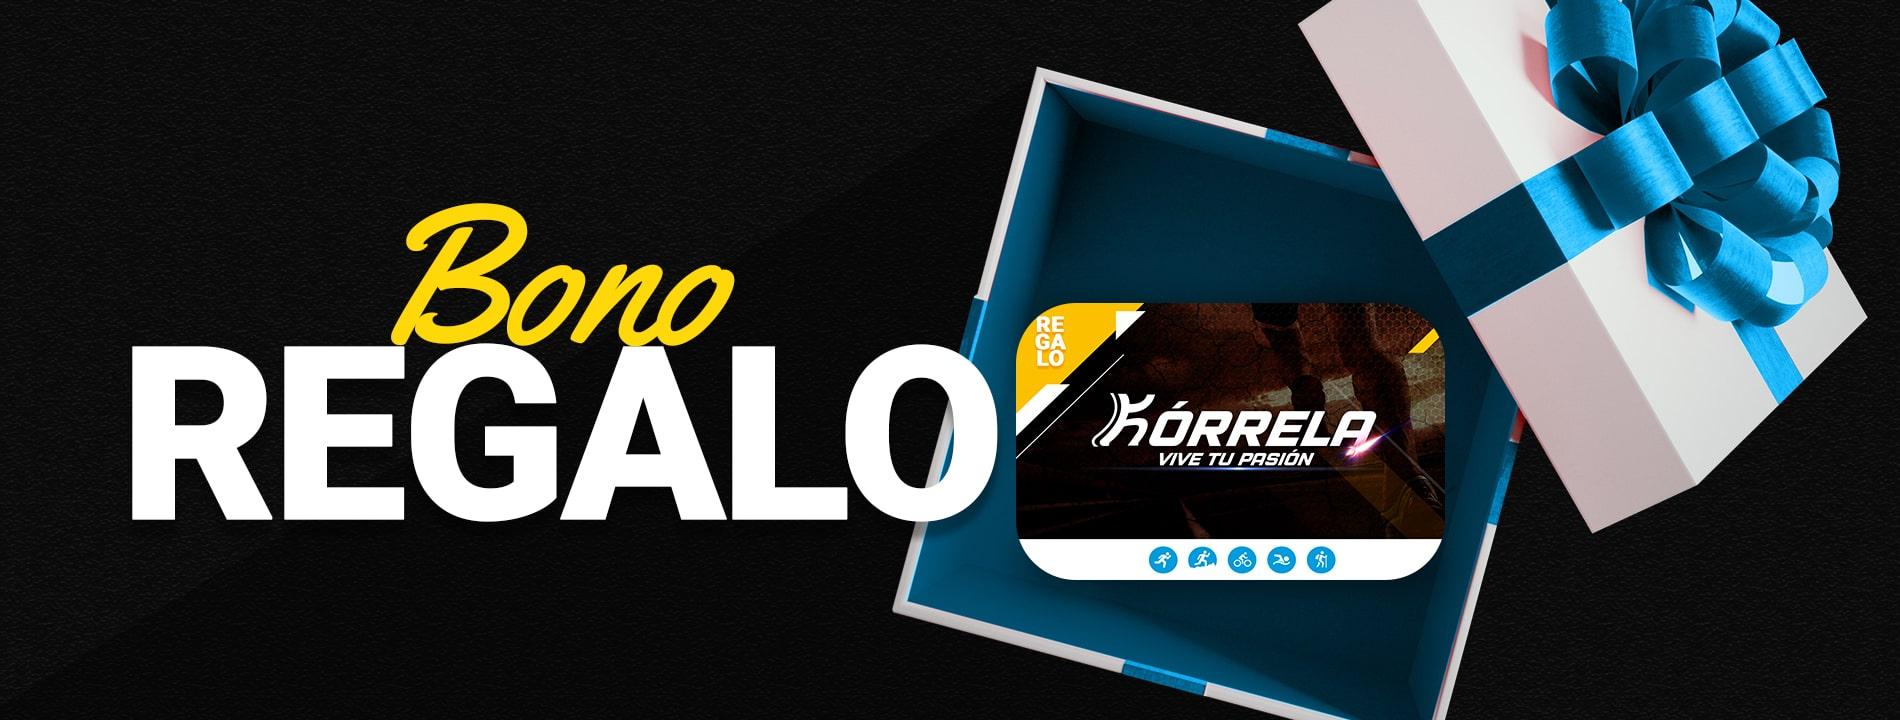 Banner de la tarjeta de regalo Kórrela